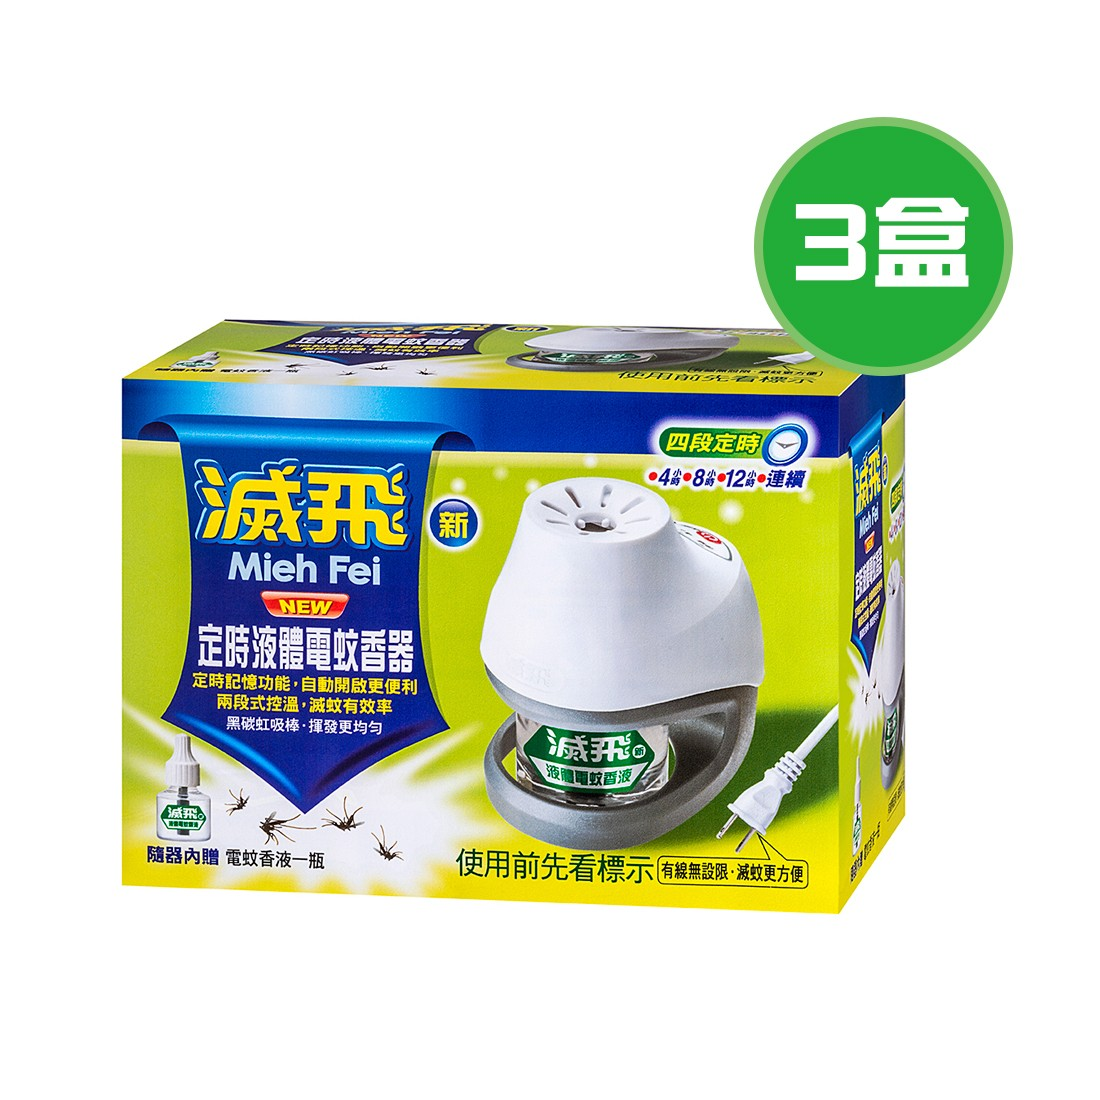 噴效通用噴霧殺蟲劑 (600ml/瓶)